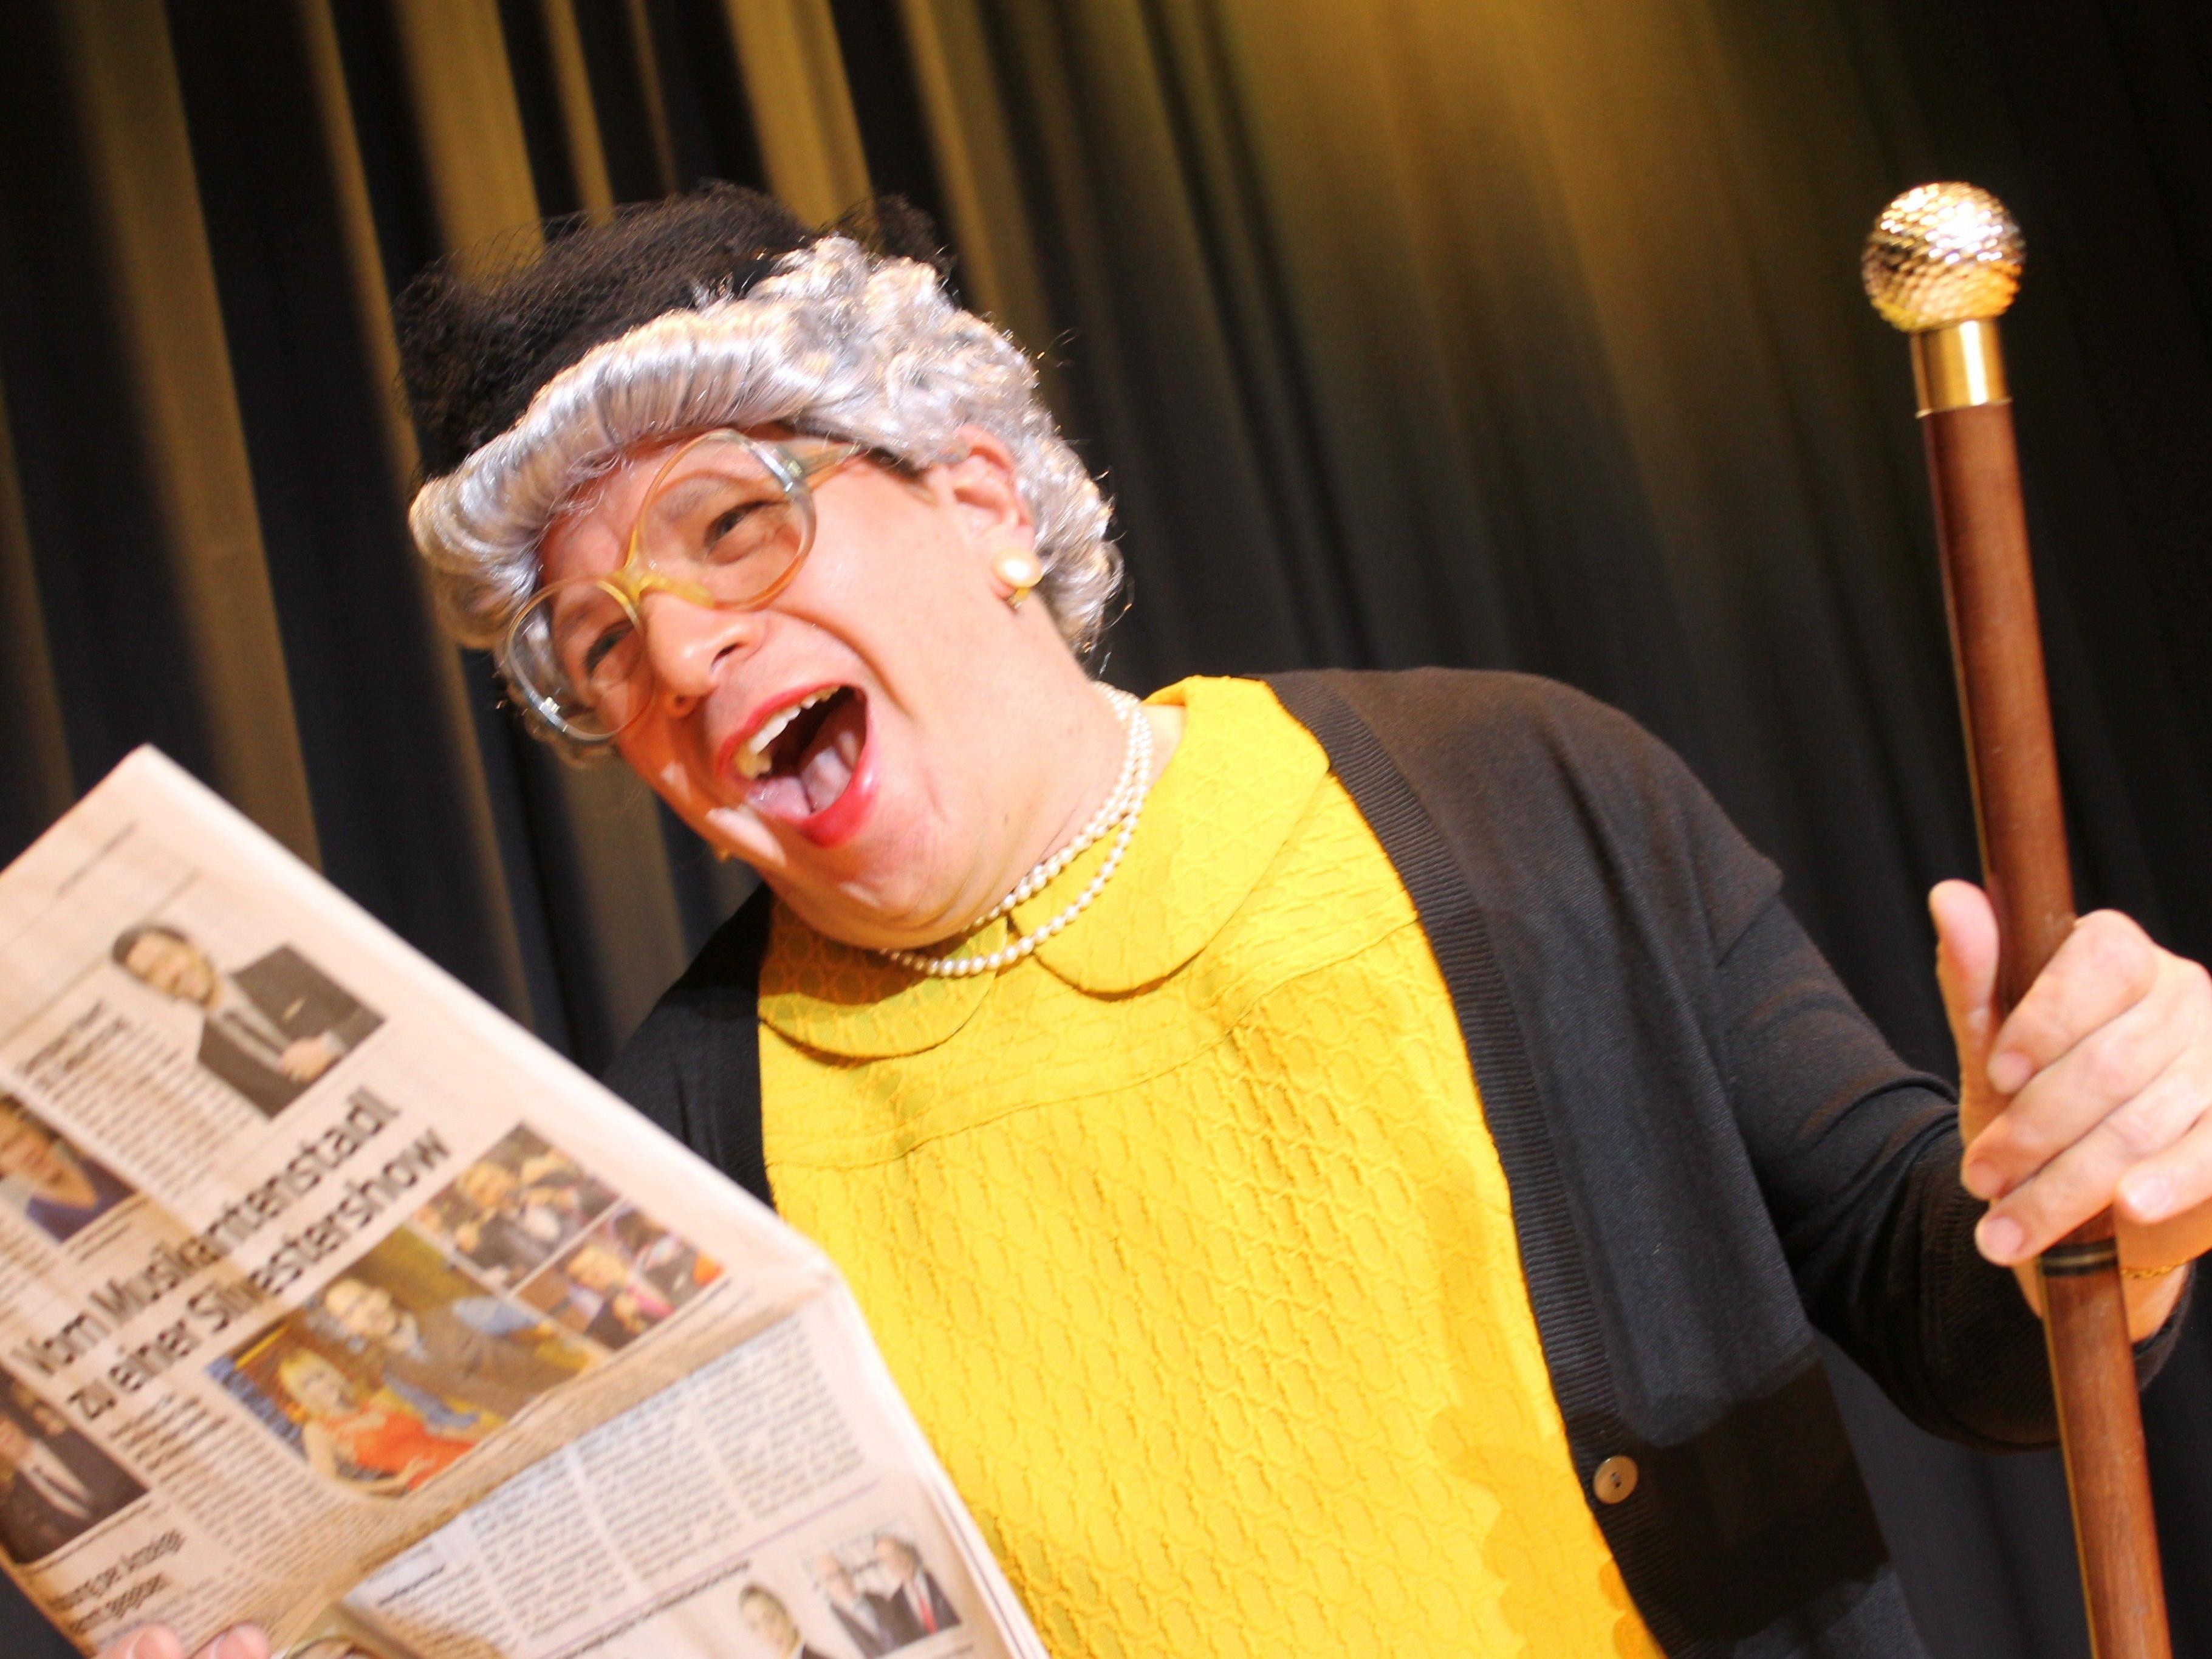 Am 09.03.2017 spielt um 20.00 Uhr Oma Lilli alias Christian Mair sein humorvolles Kabarett auf der Kulturbühne Schruns